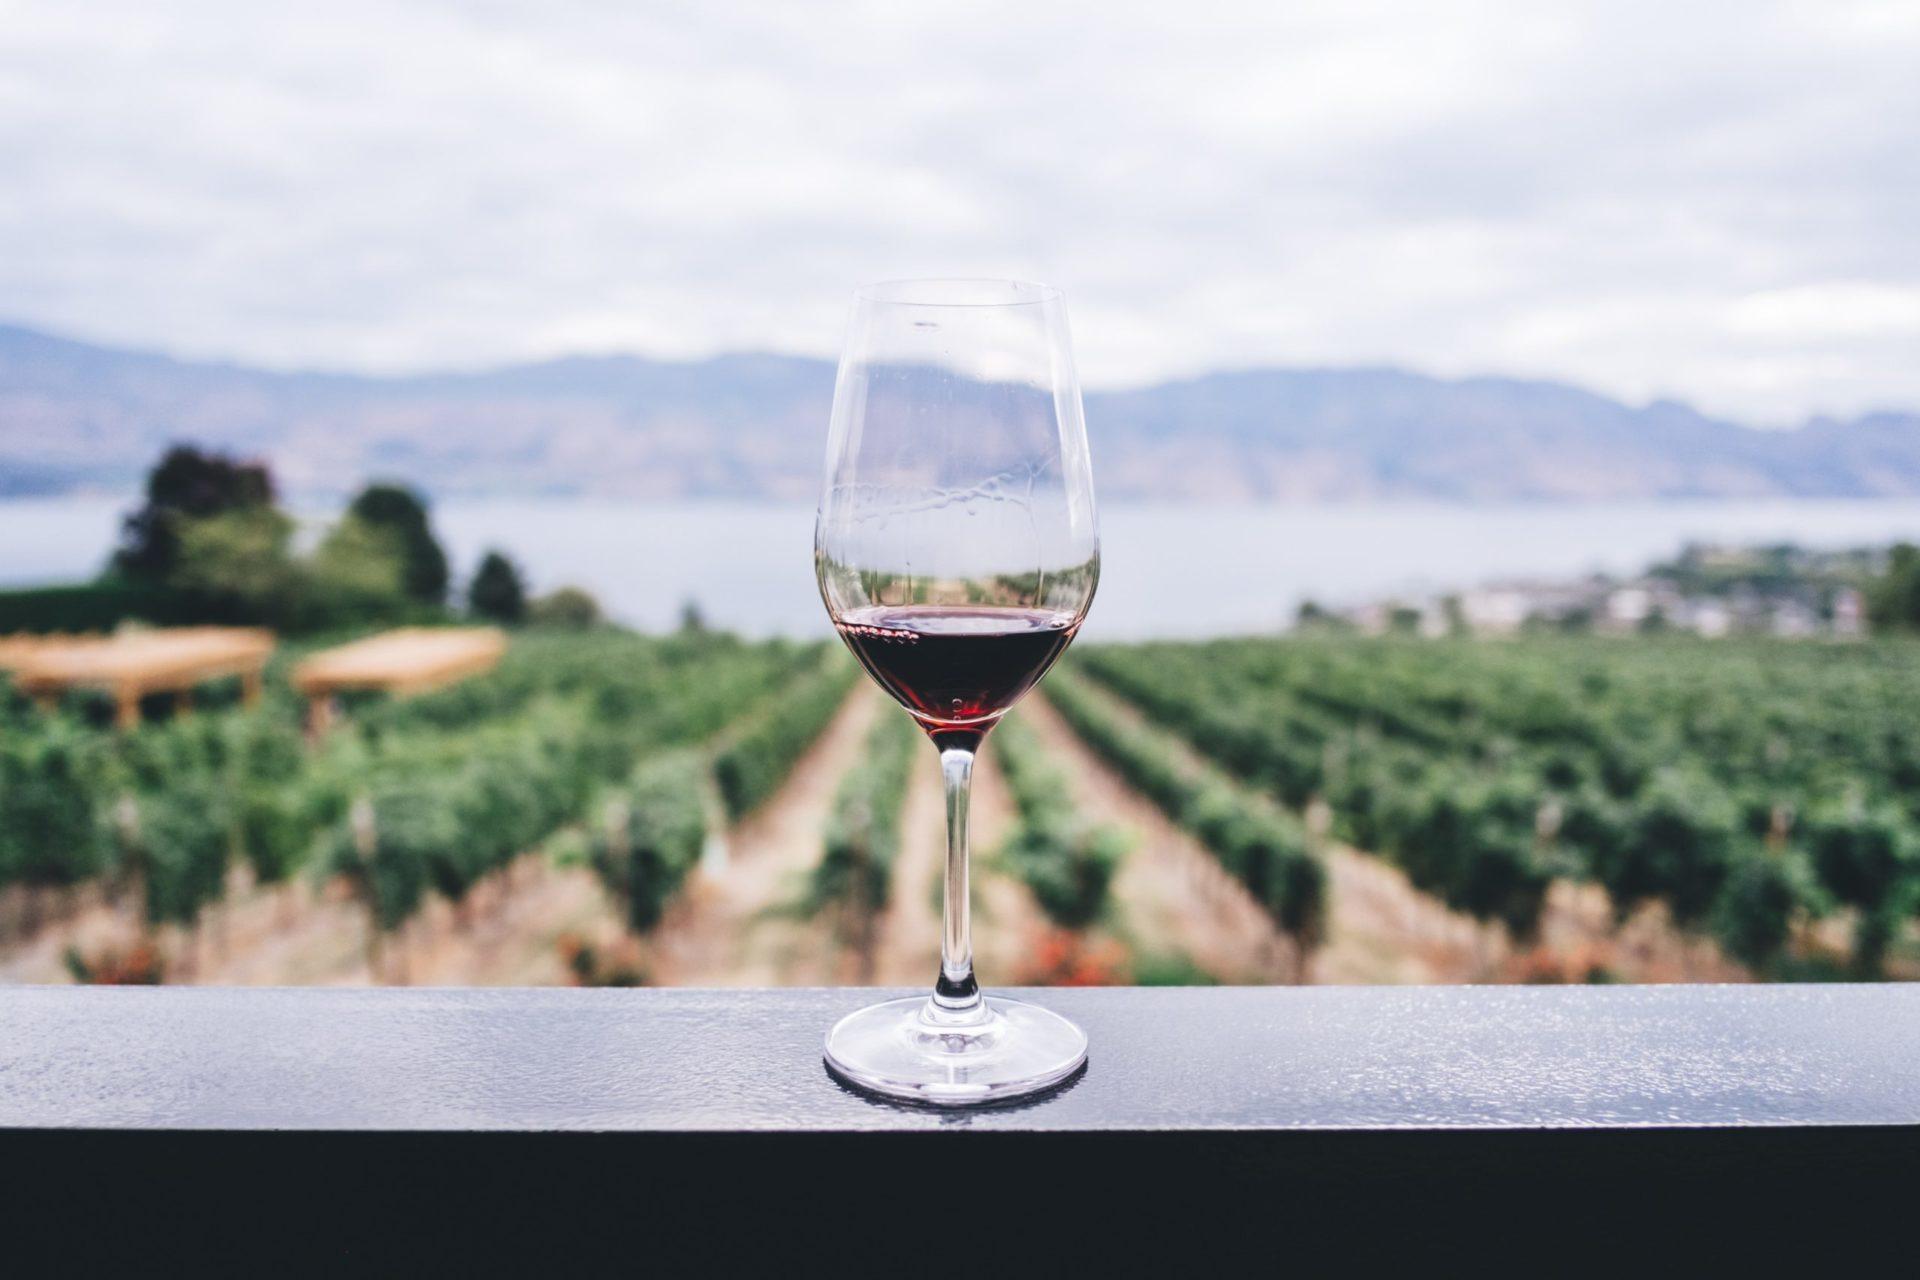 赤ワインの作り方をわかりやすく解説します!【ワイン入門編】